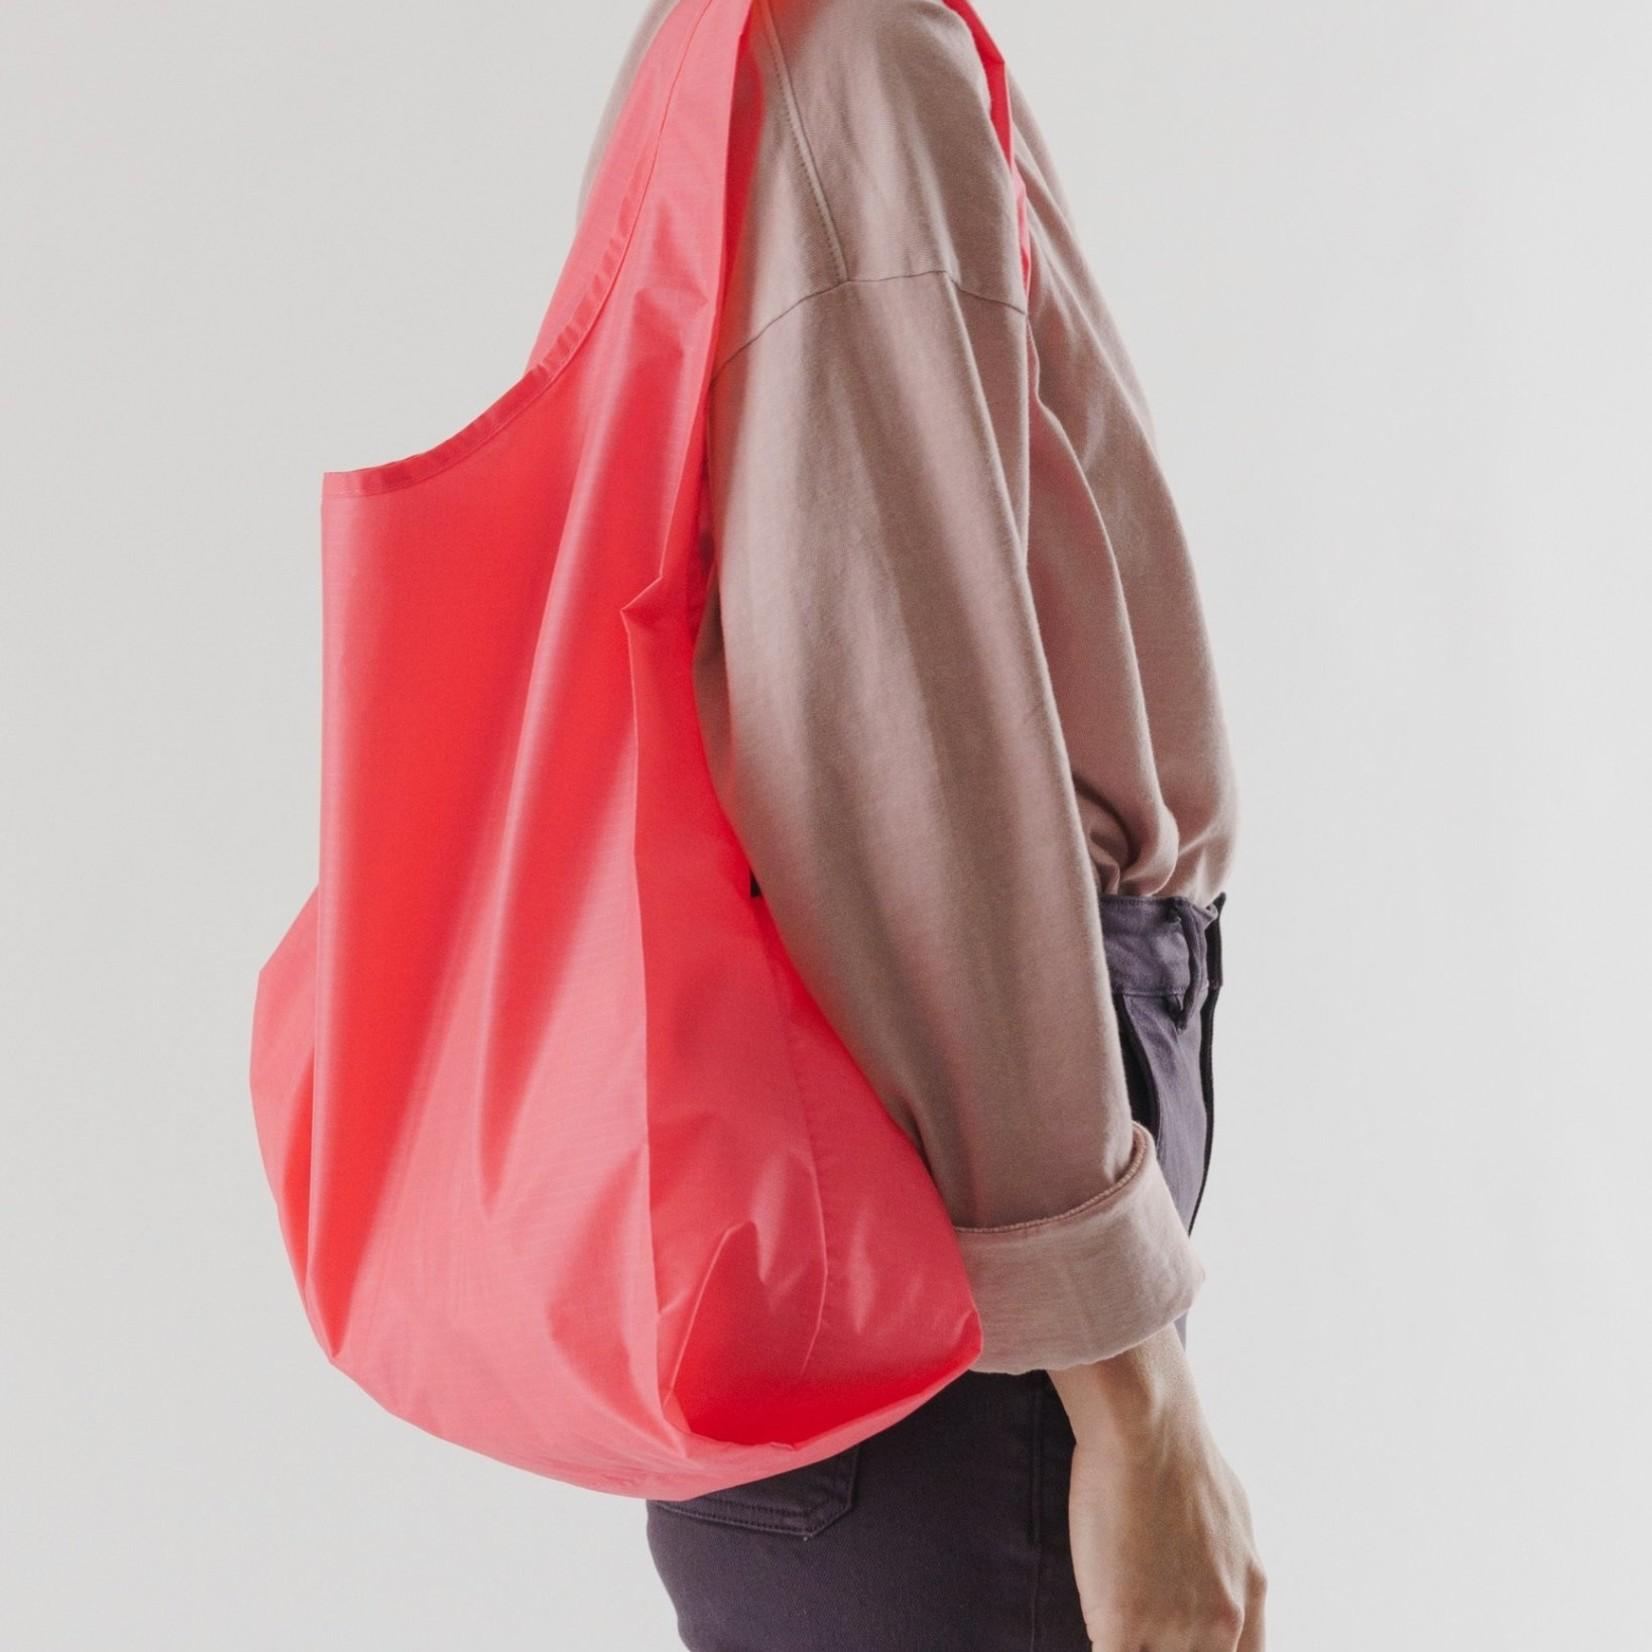 Baggu Baggu Reusable Bag Standard Watermelon Pink